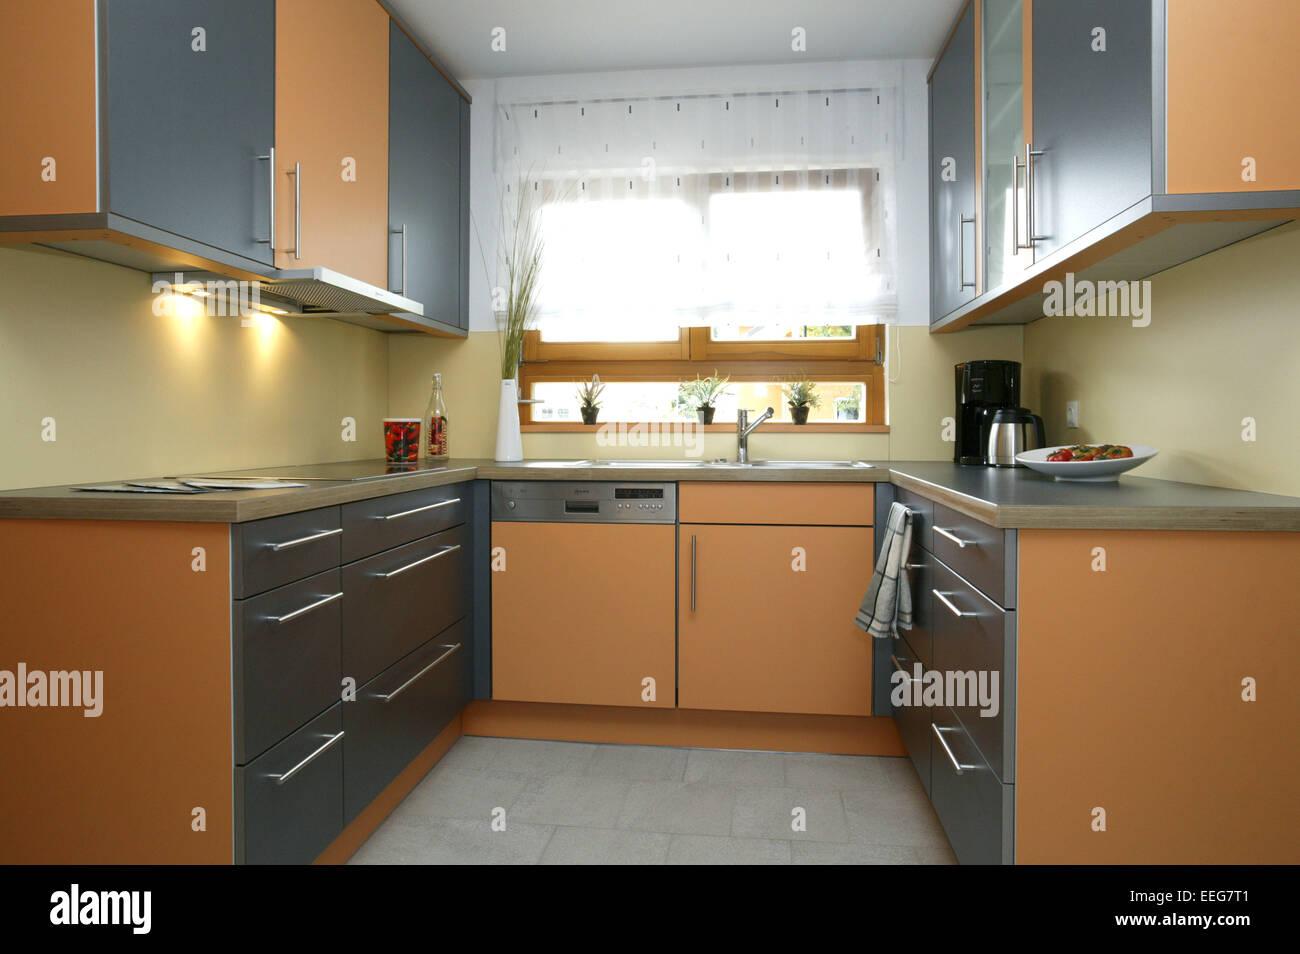 Inneneinrichtung Wohnung kueche wohnen innenaufnahme inneneinrichtung wohnung wohnraum stock